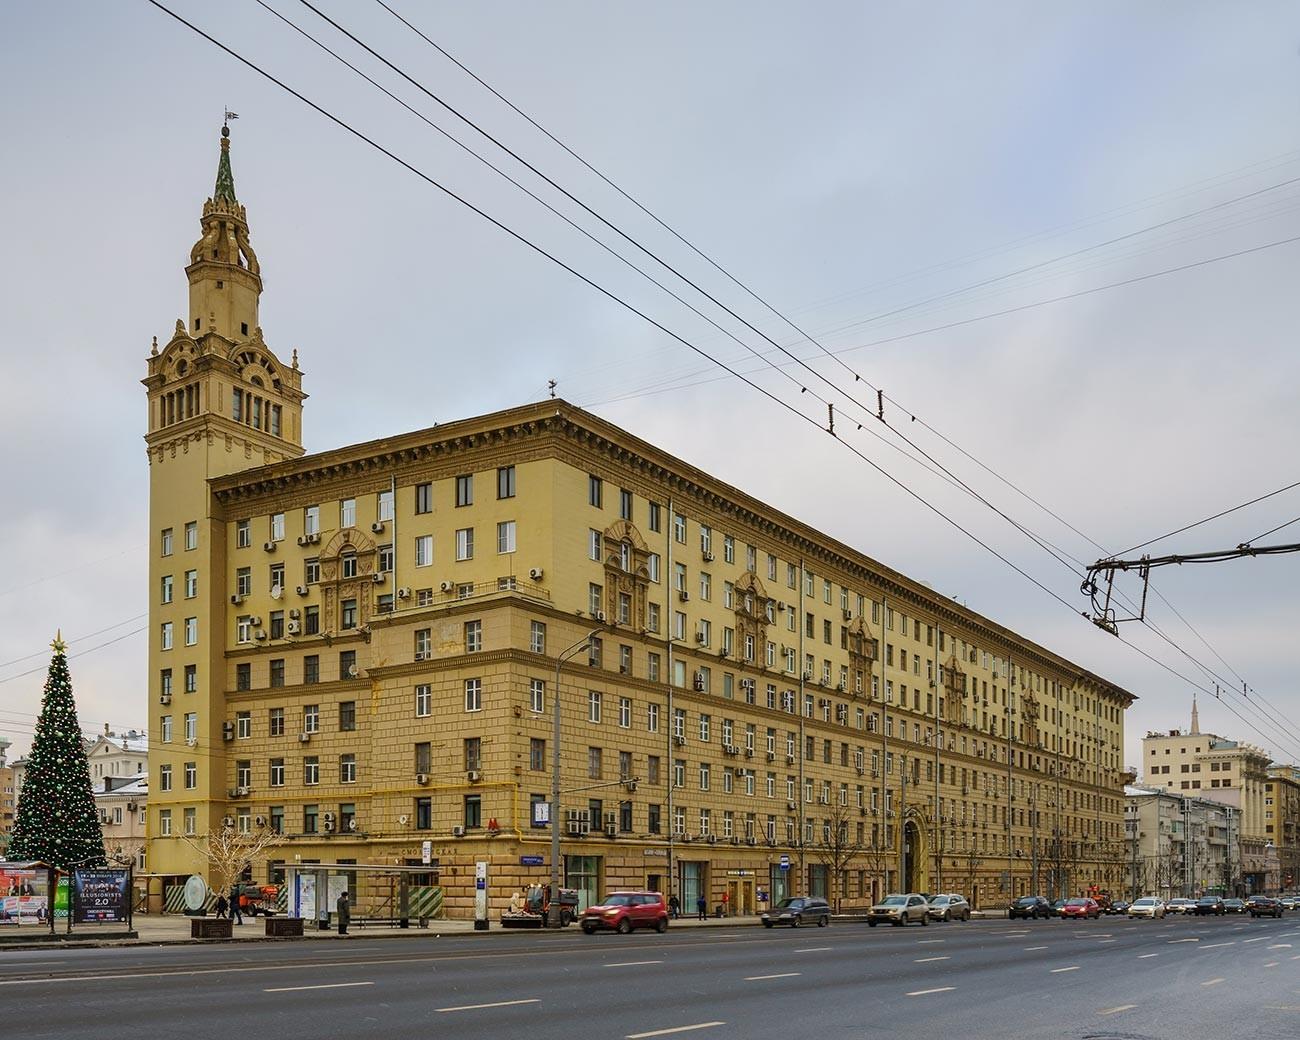 Il palazzo con la torretta in piazza Smolenskaja